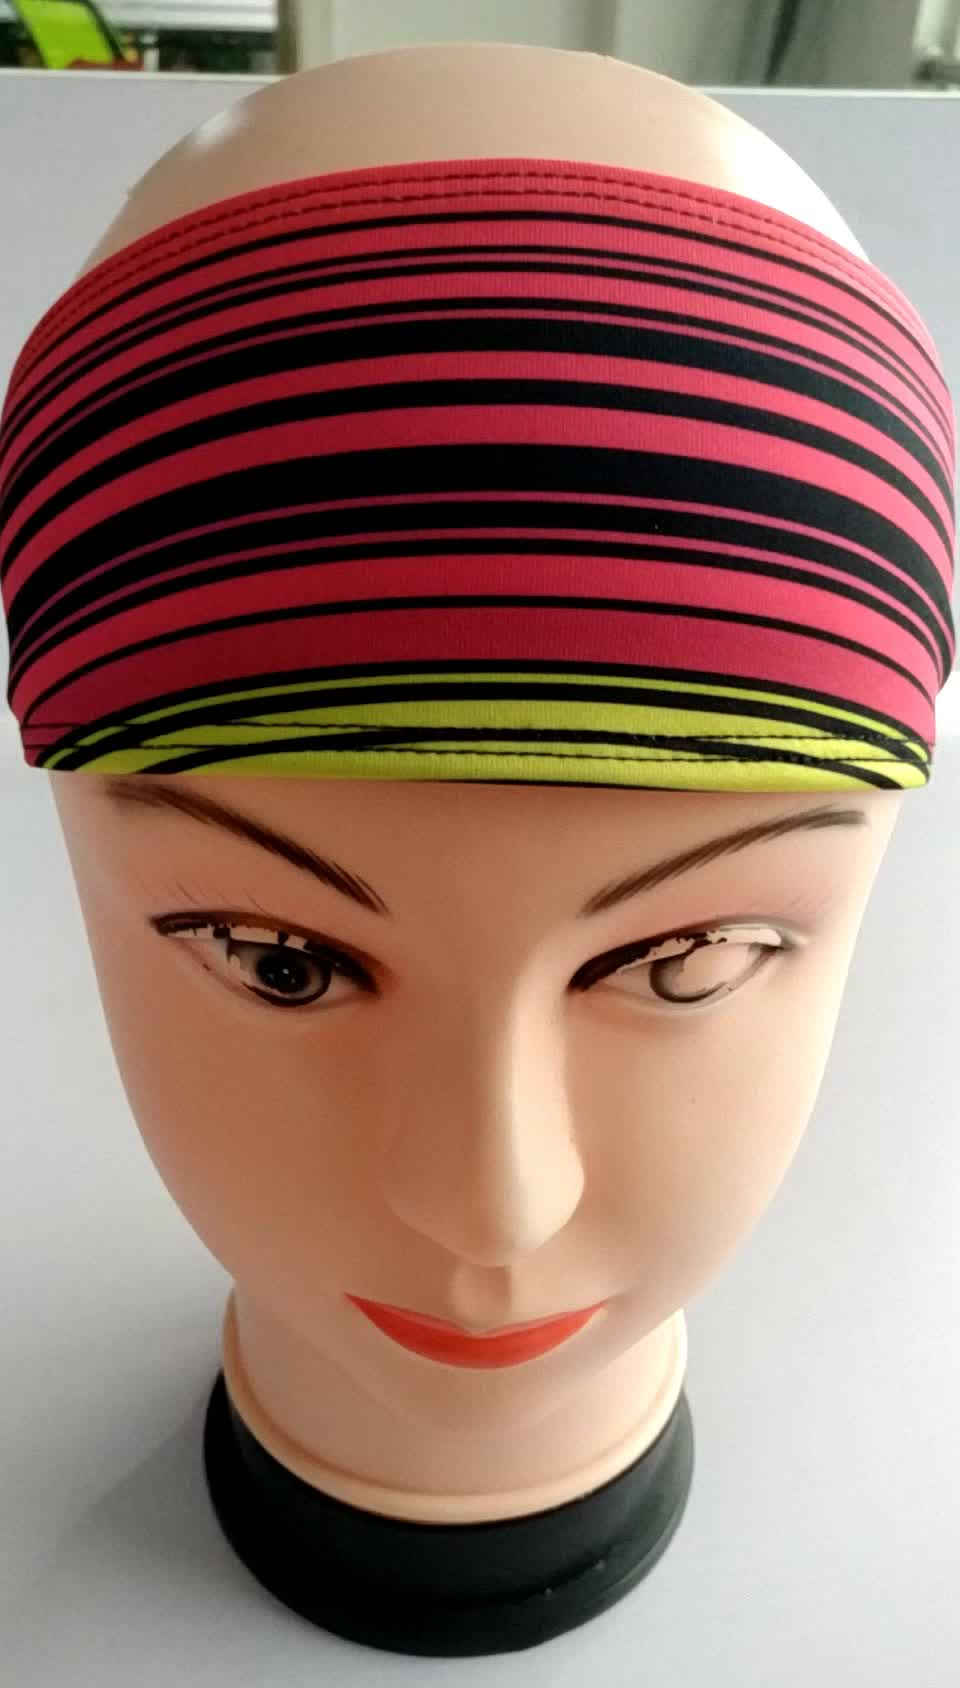 Sweatbands de esportes de moda Headbands para ioga de treino